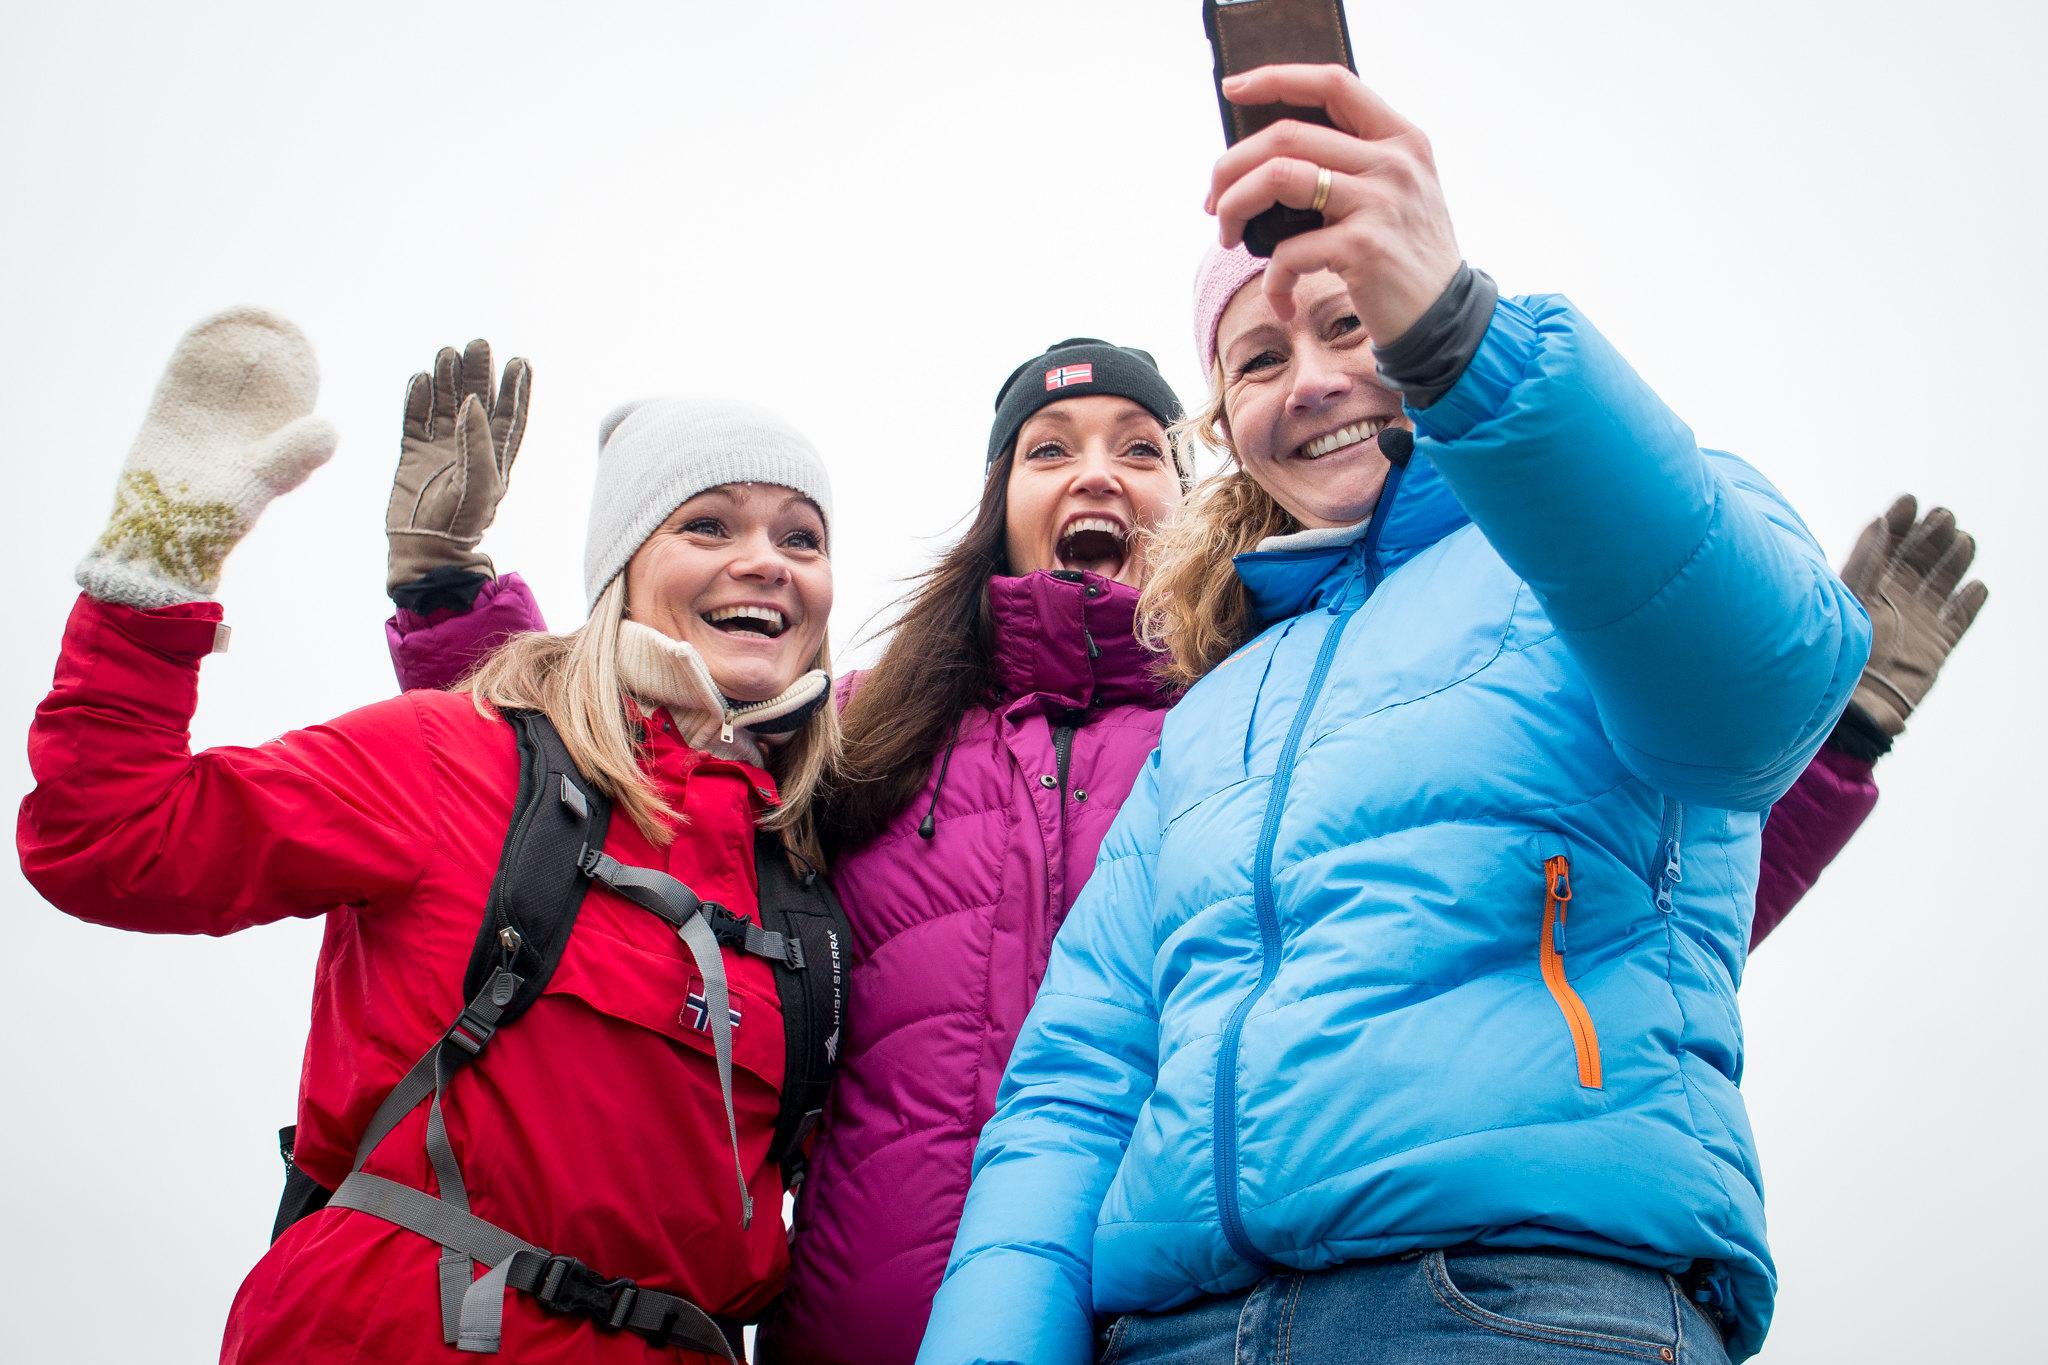 Jenter på tur tar selfie